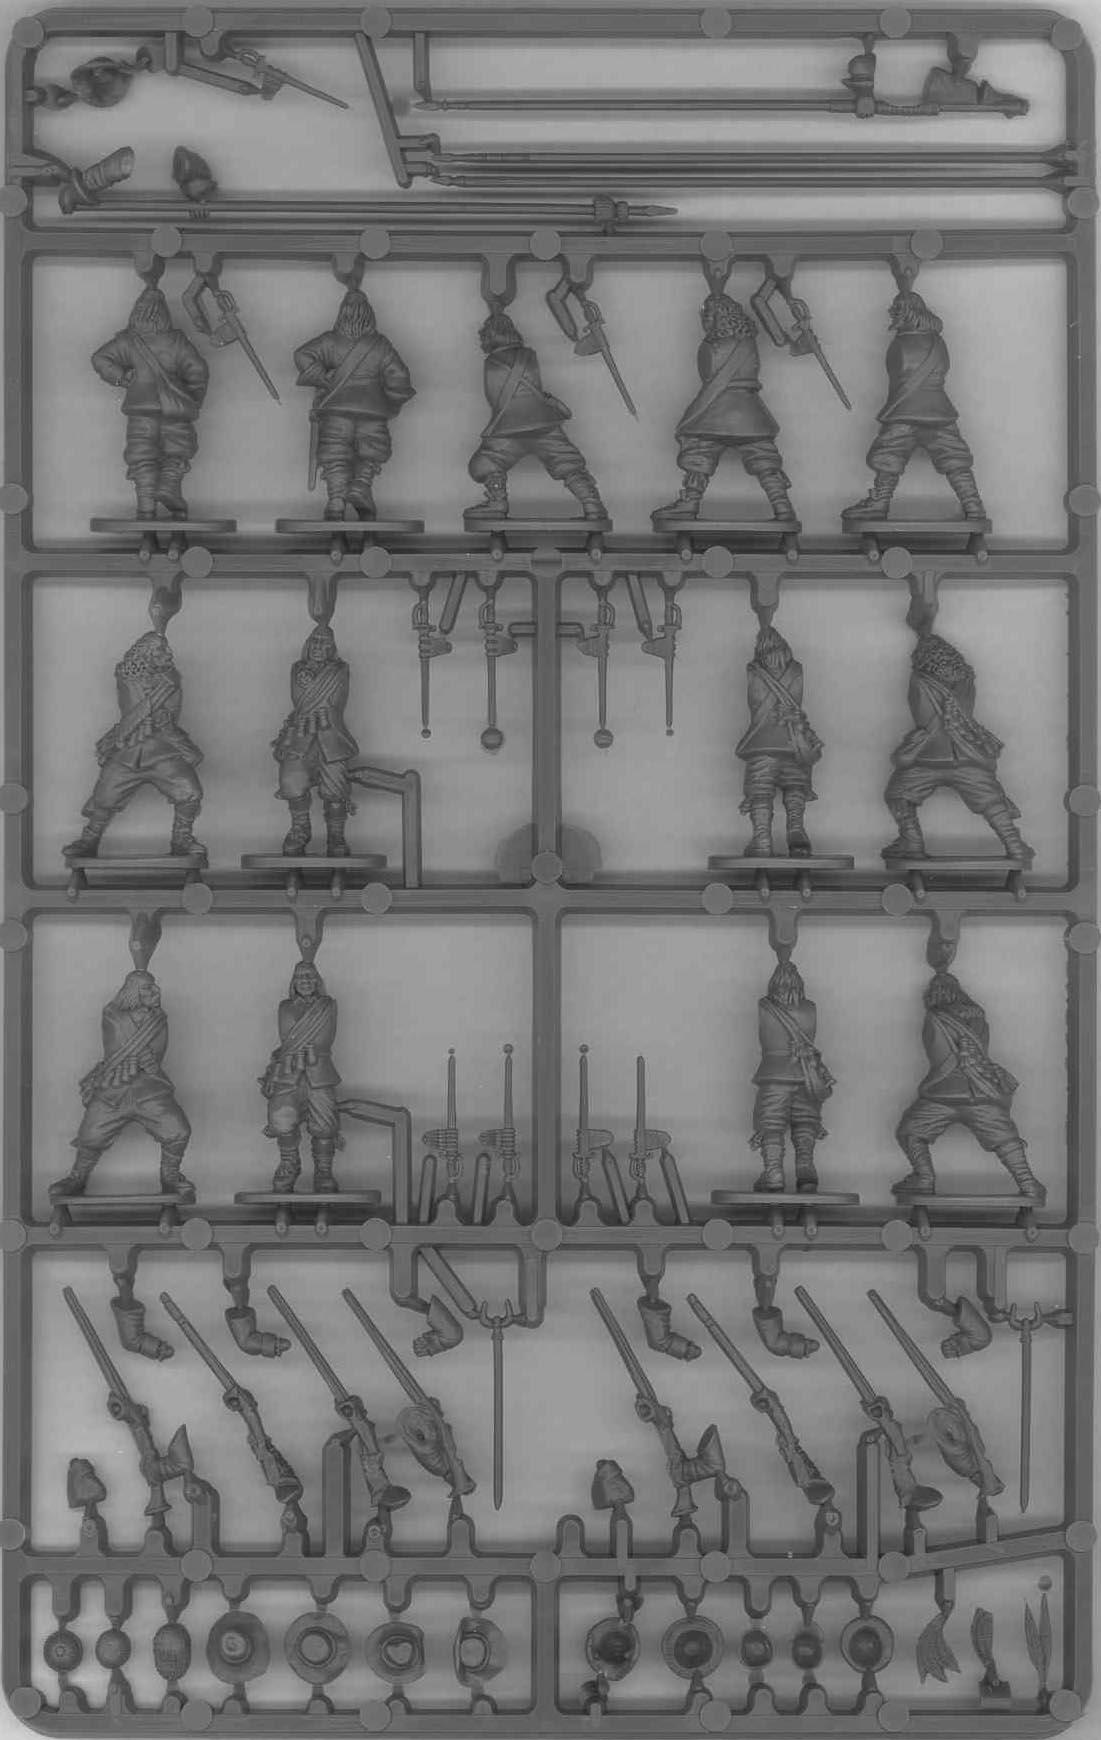 Gyalogos keret. Nyolc muskétás nyolc muskétával. Öt pikás viszont csak négy pika, pontosabban kettő-kettő port és advance tartással.